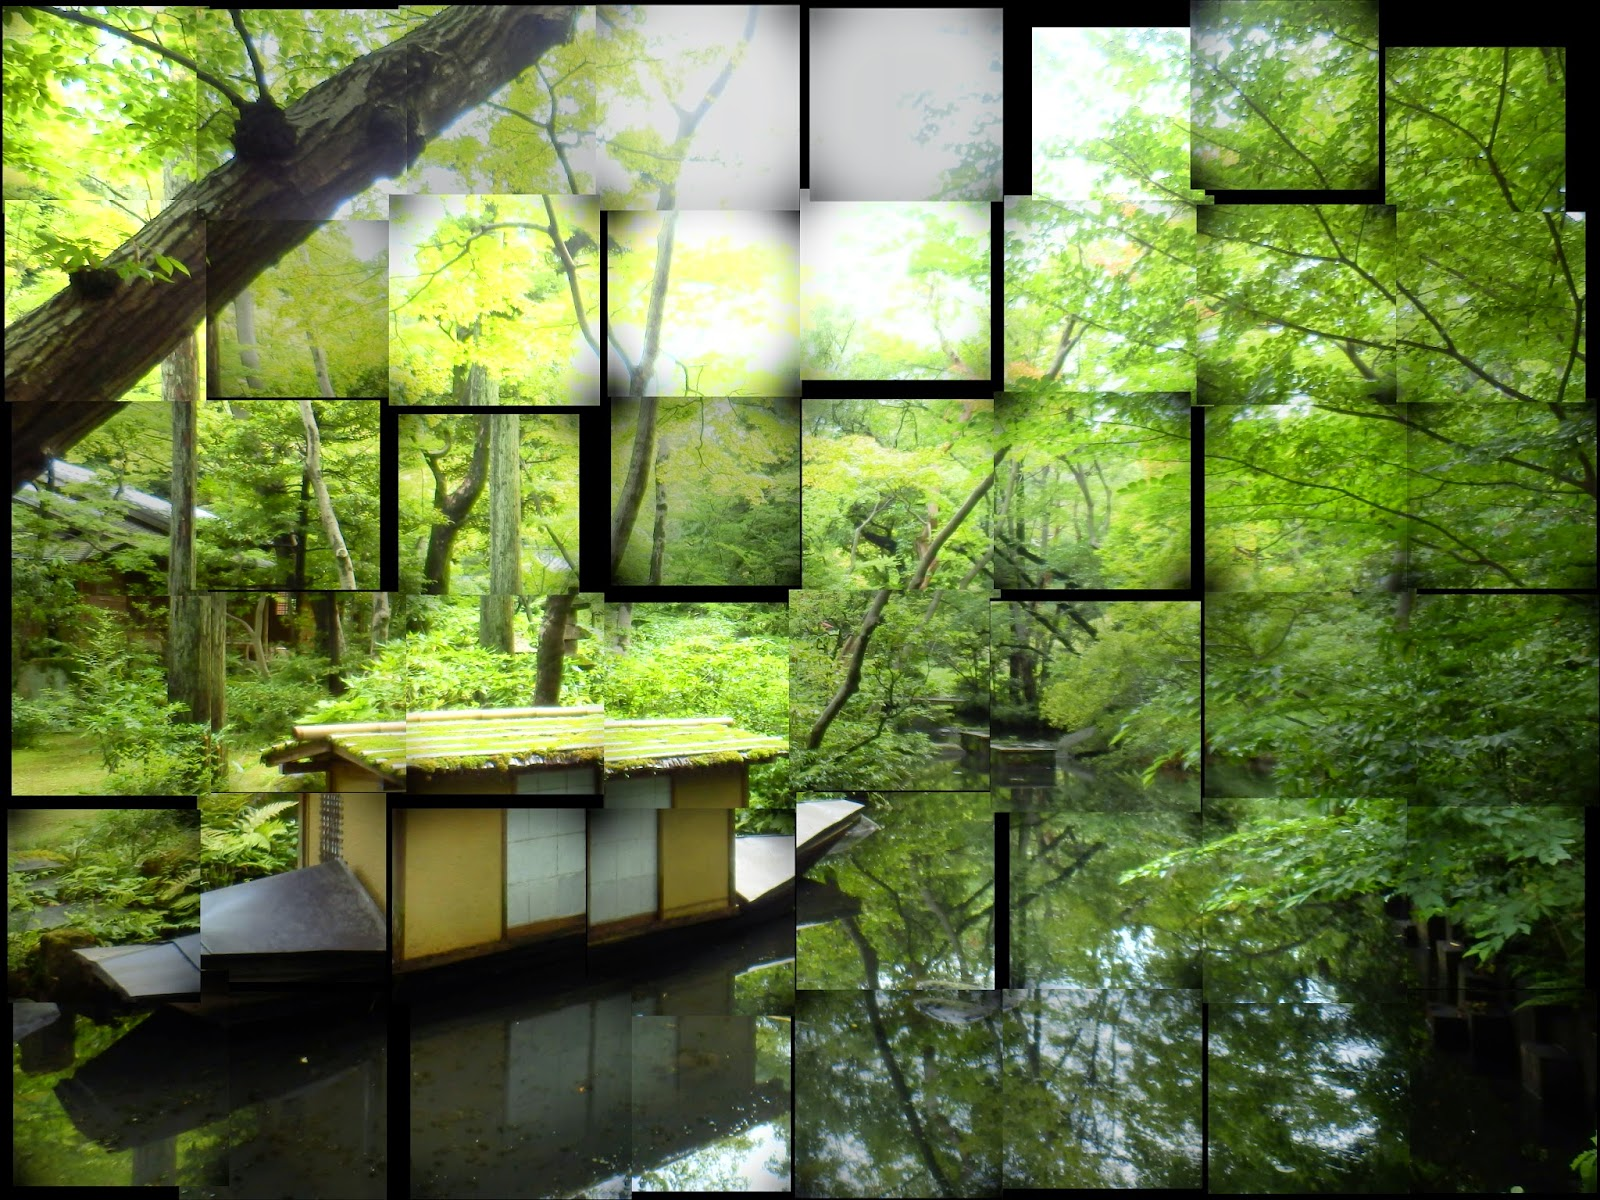 a ma terrasse essai d 39 un japonais sur la mythologie le vide et l 39 empereur dans la culture. Black Bedroom Furniture Sets. Home Design Ideas